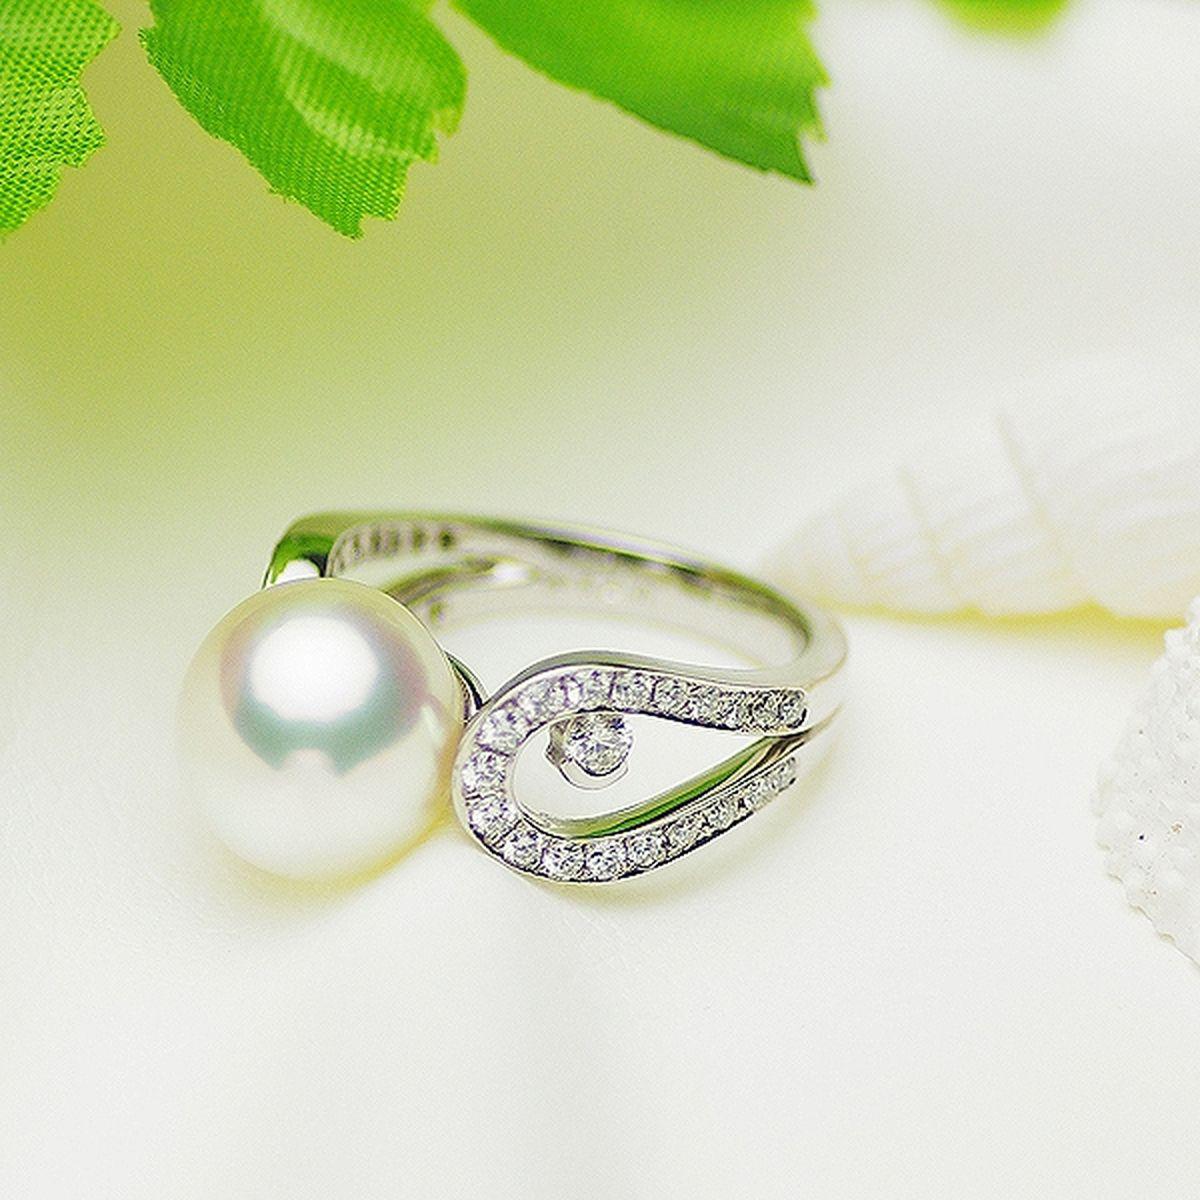 南洋白蝶真珠 パール リング 約11.0mm プラチナ Pt900の写真